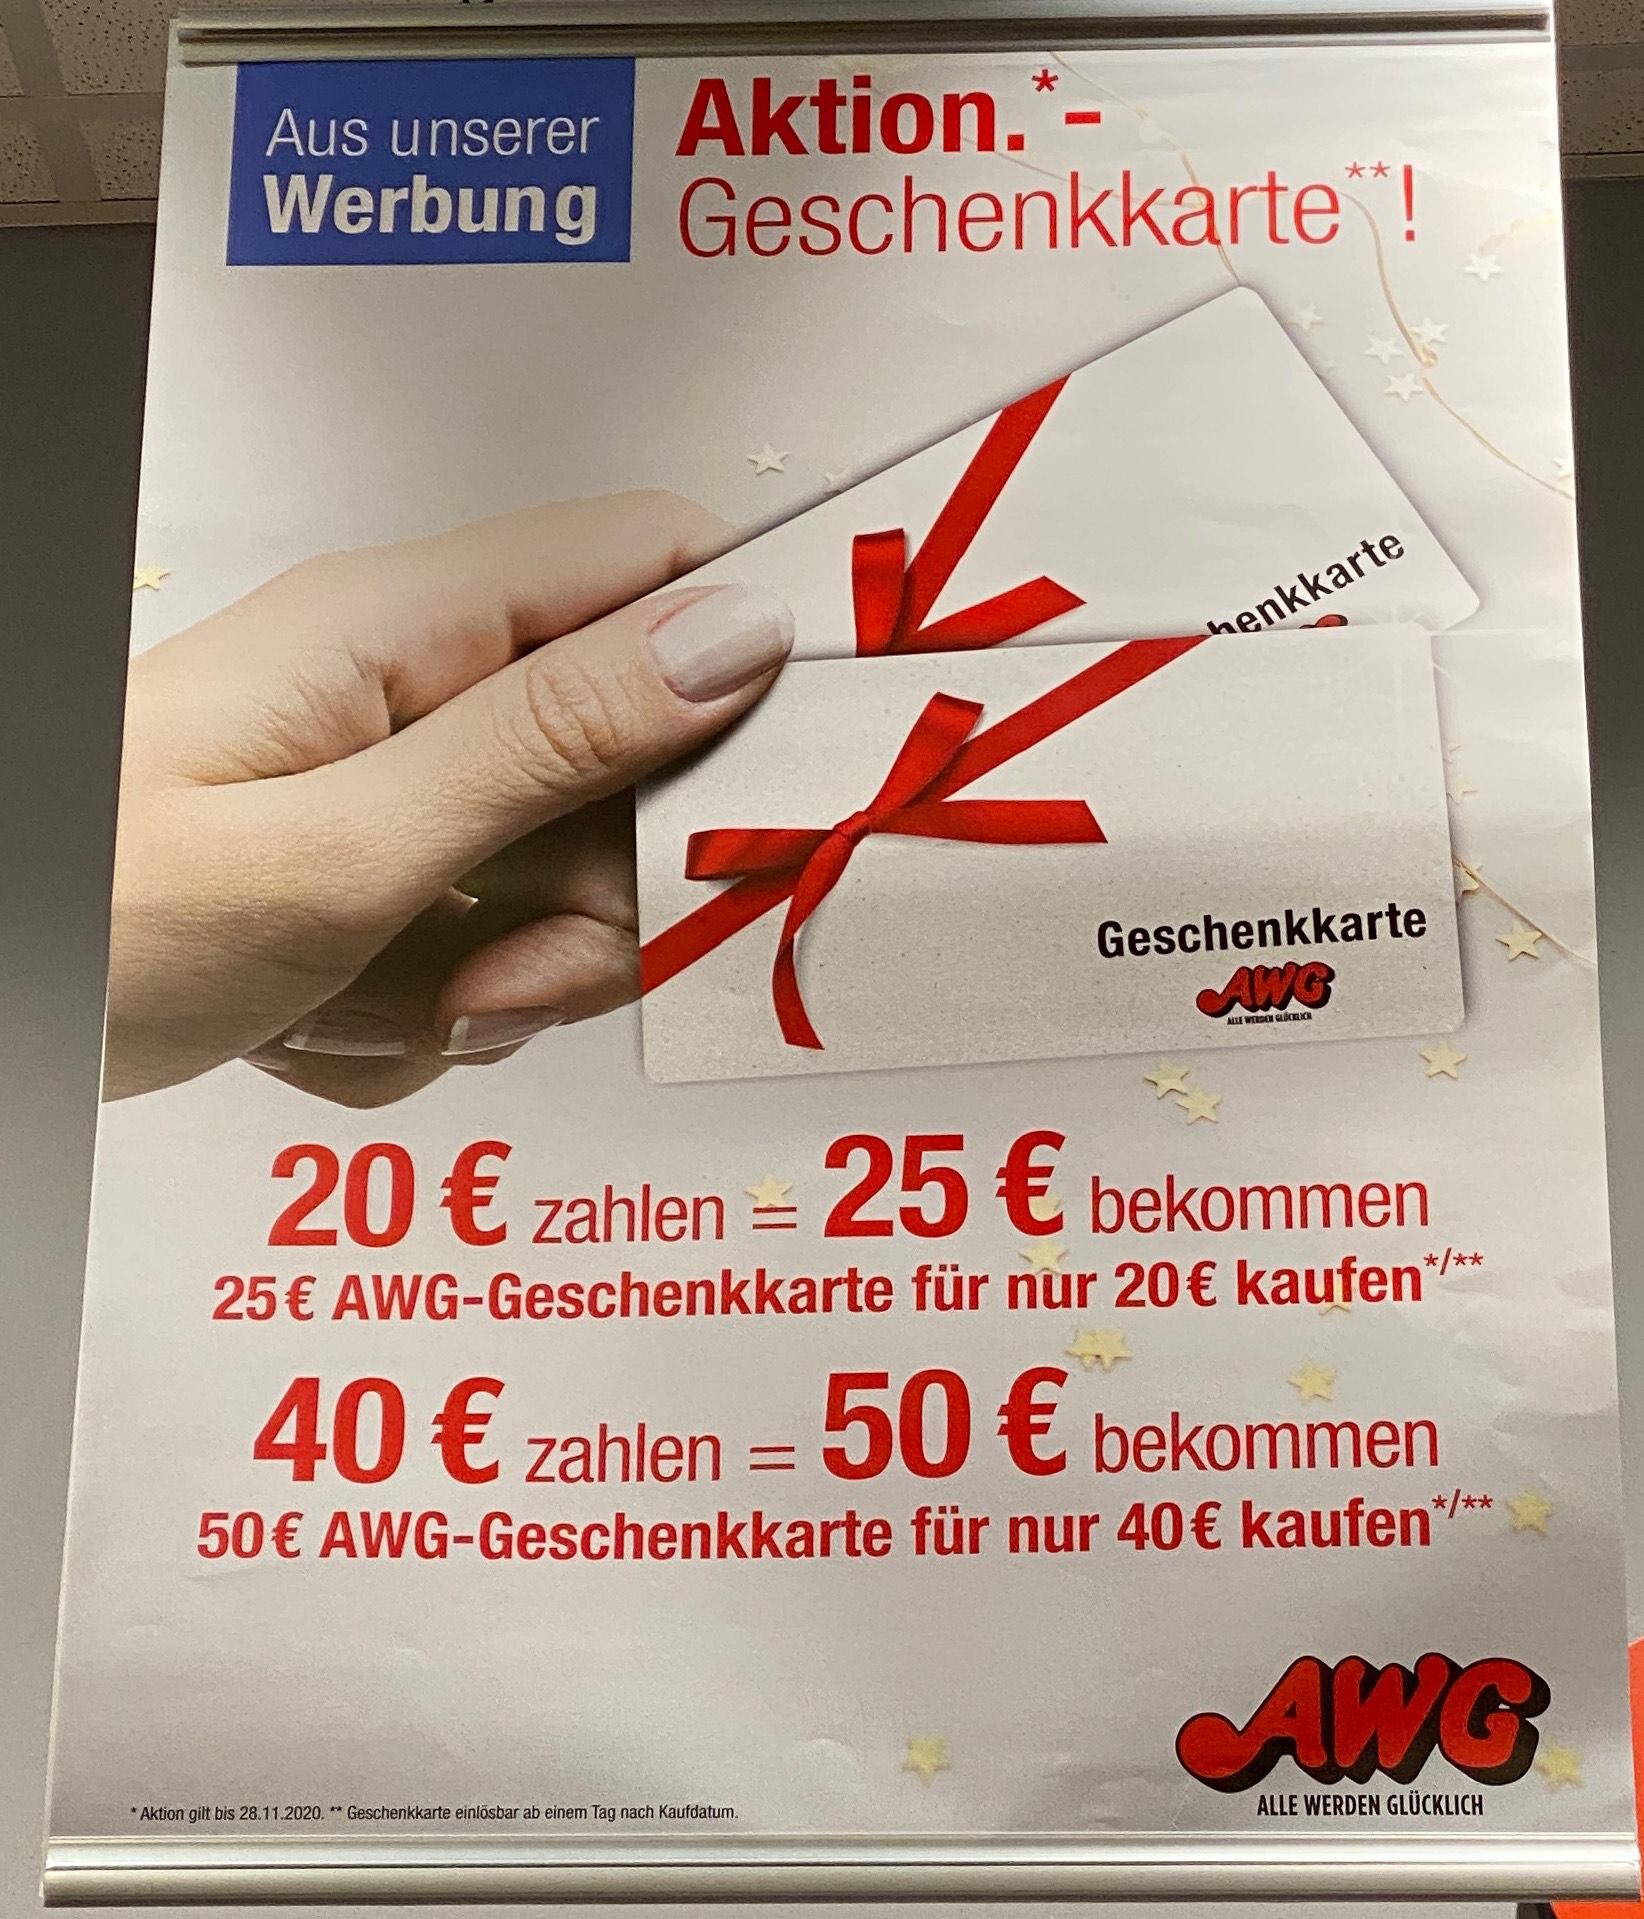 (Bundesweit?) AWG Geschenkkarten mit 20% Rabatt